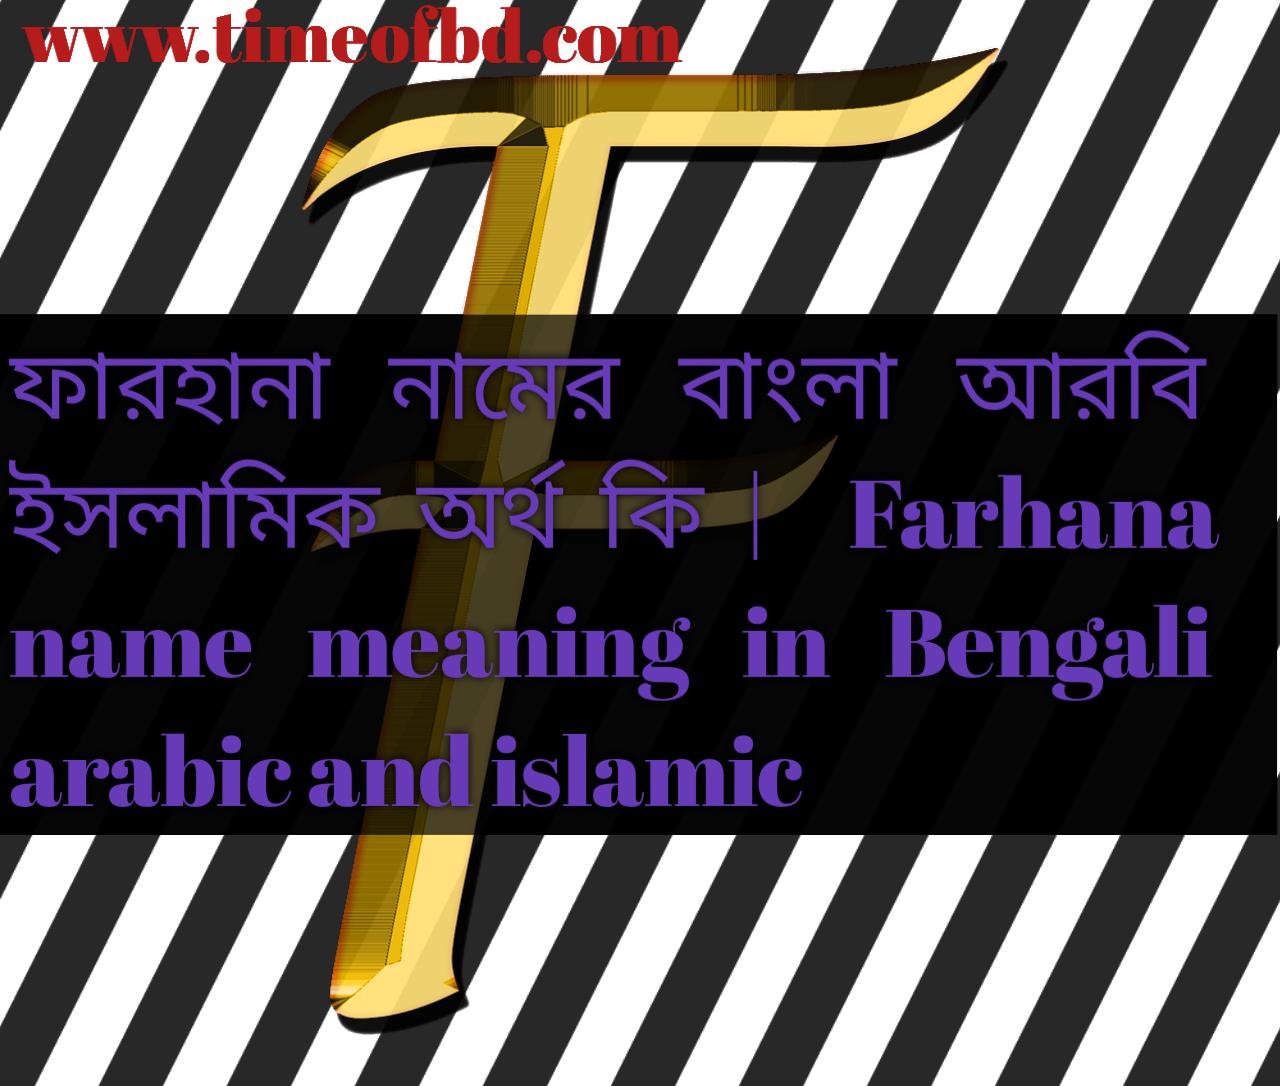 ফারহানা নামের অর্থ কি, ফারহানা নামের বাংলা অর্থ কি, ফারহানা নামের ইসলামিক অর্থ কি, Farhana name in Bengali, ফারহানা কি ইসলামিক নাম,